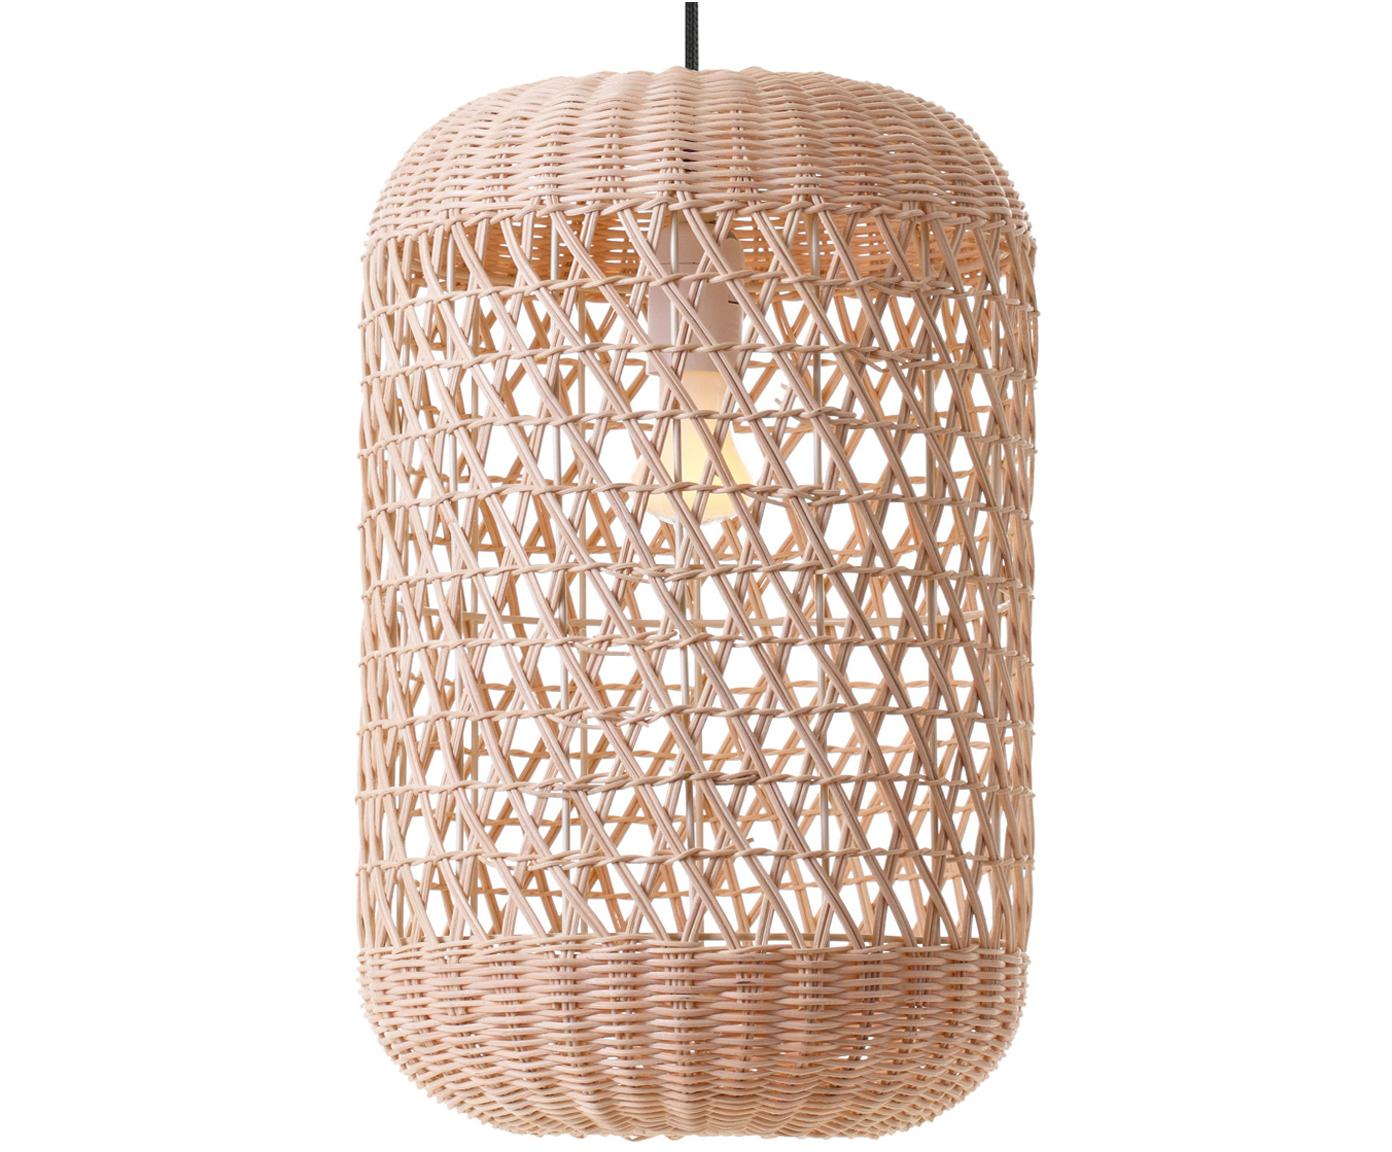 Lampada a sospensione in bambù Aurora, Paralume: bambù, Baldacchino: materiale sintetico, Marrone chiaro, Ø 25 x Alt. 37 cm